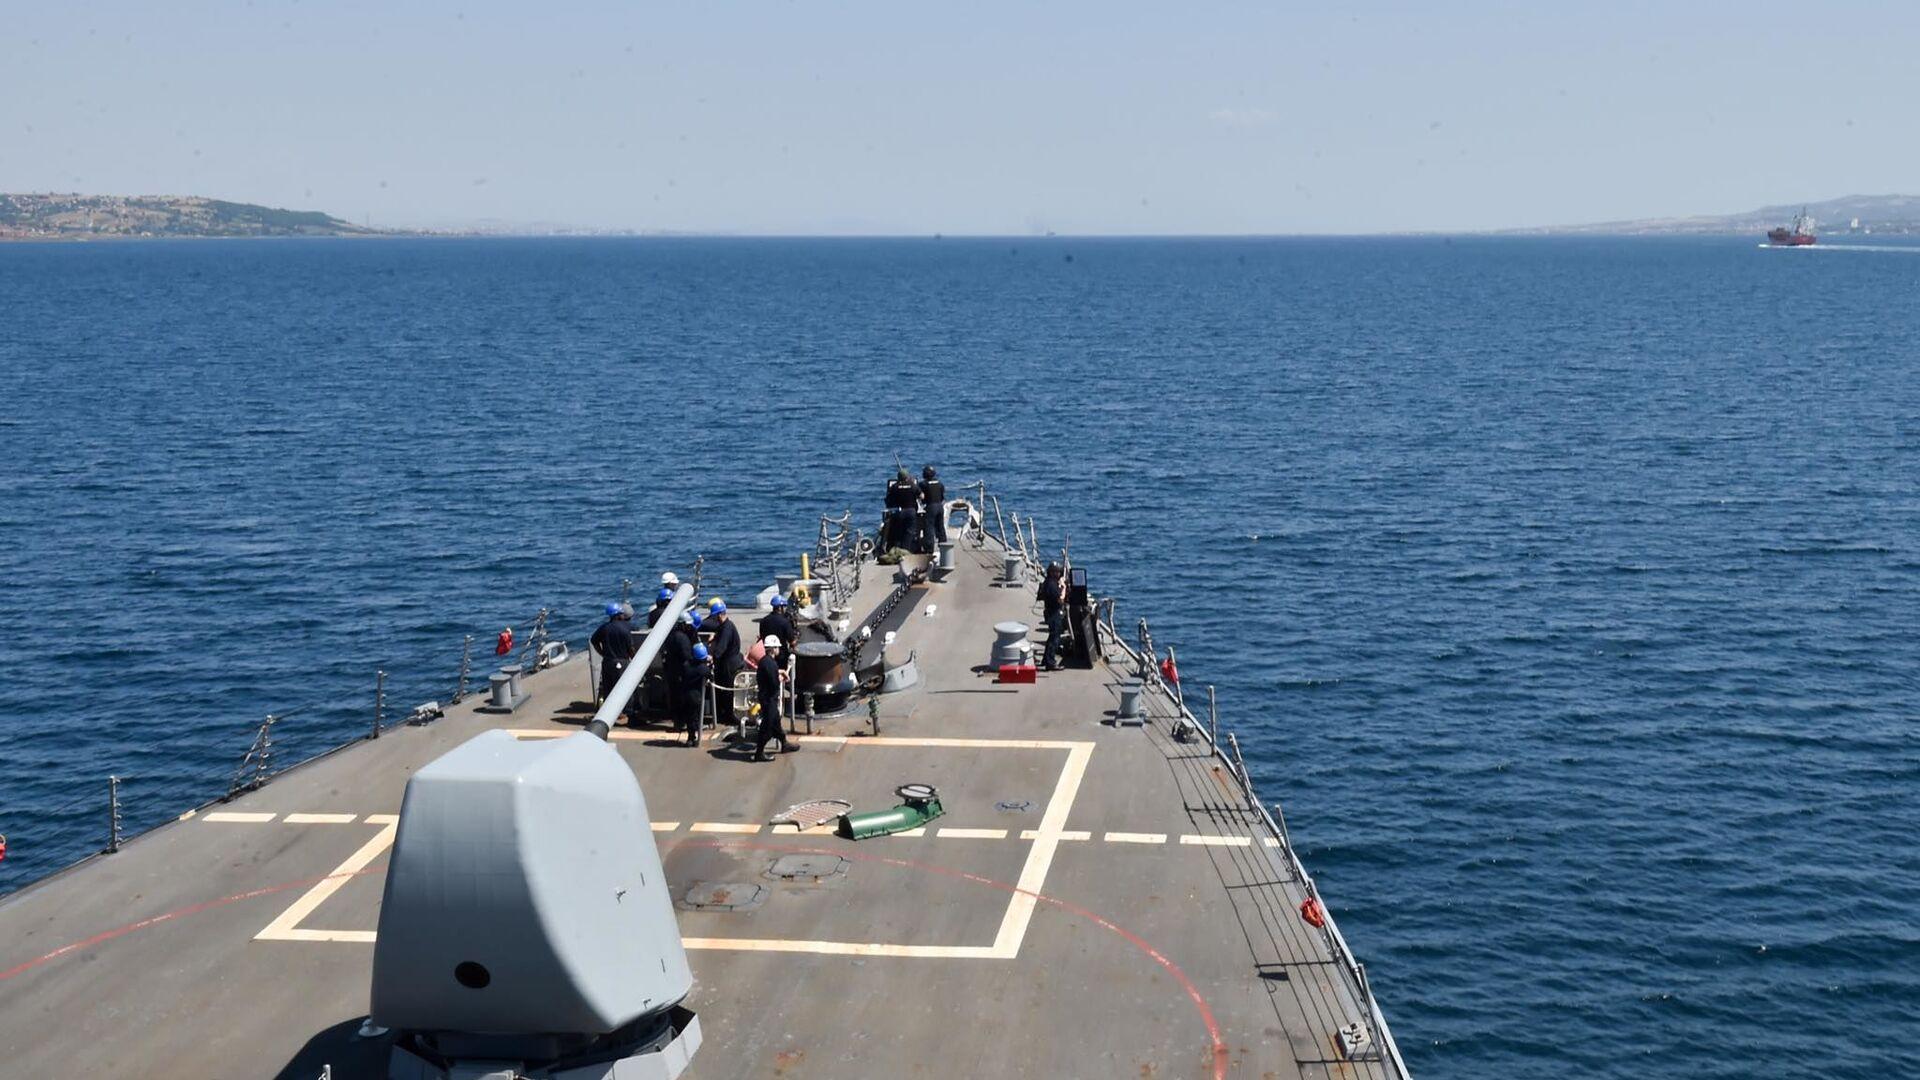 Amerykański niszczyciel rakietowy USS Porter rozpoczął przejście z Morza Czarnego na Morze Śródziemne - Sputnik Polska, 1920, 04.07.2021